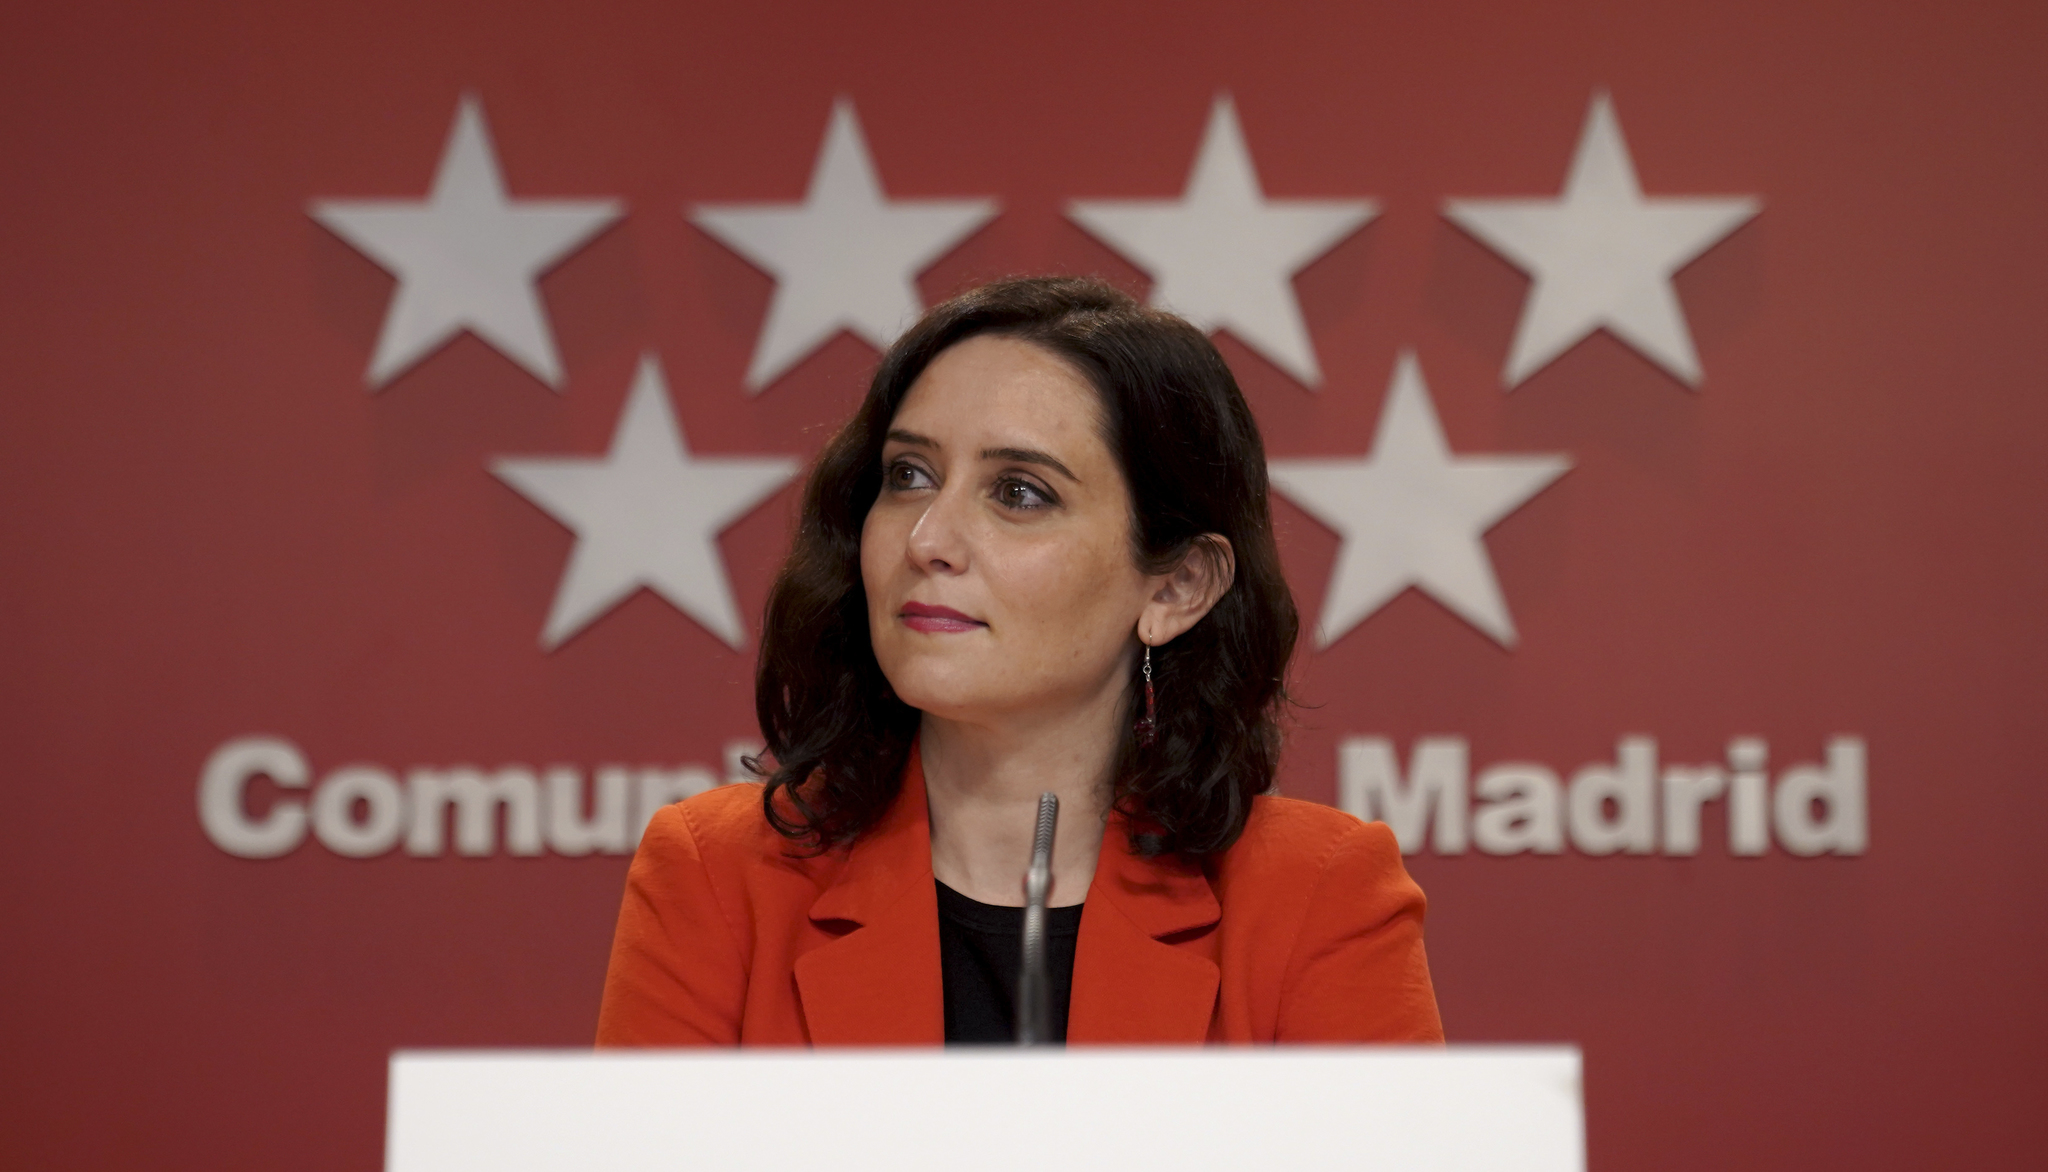 Isabel Díaz Ayuso tras la bandera de la comunidad